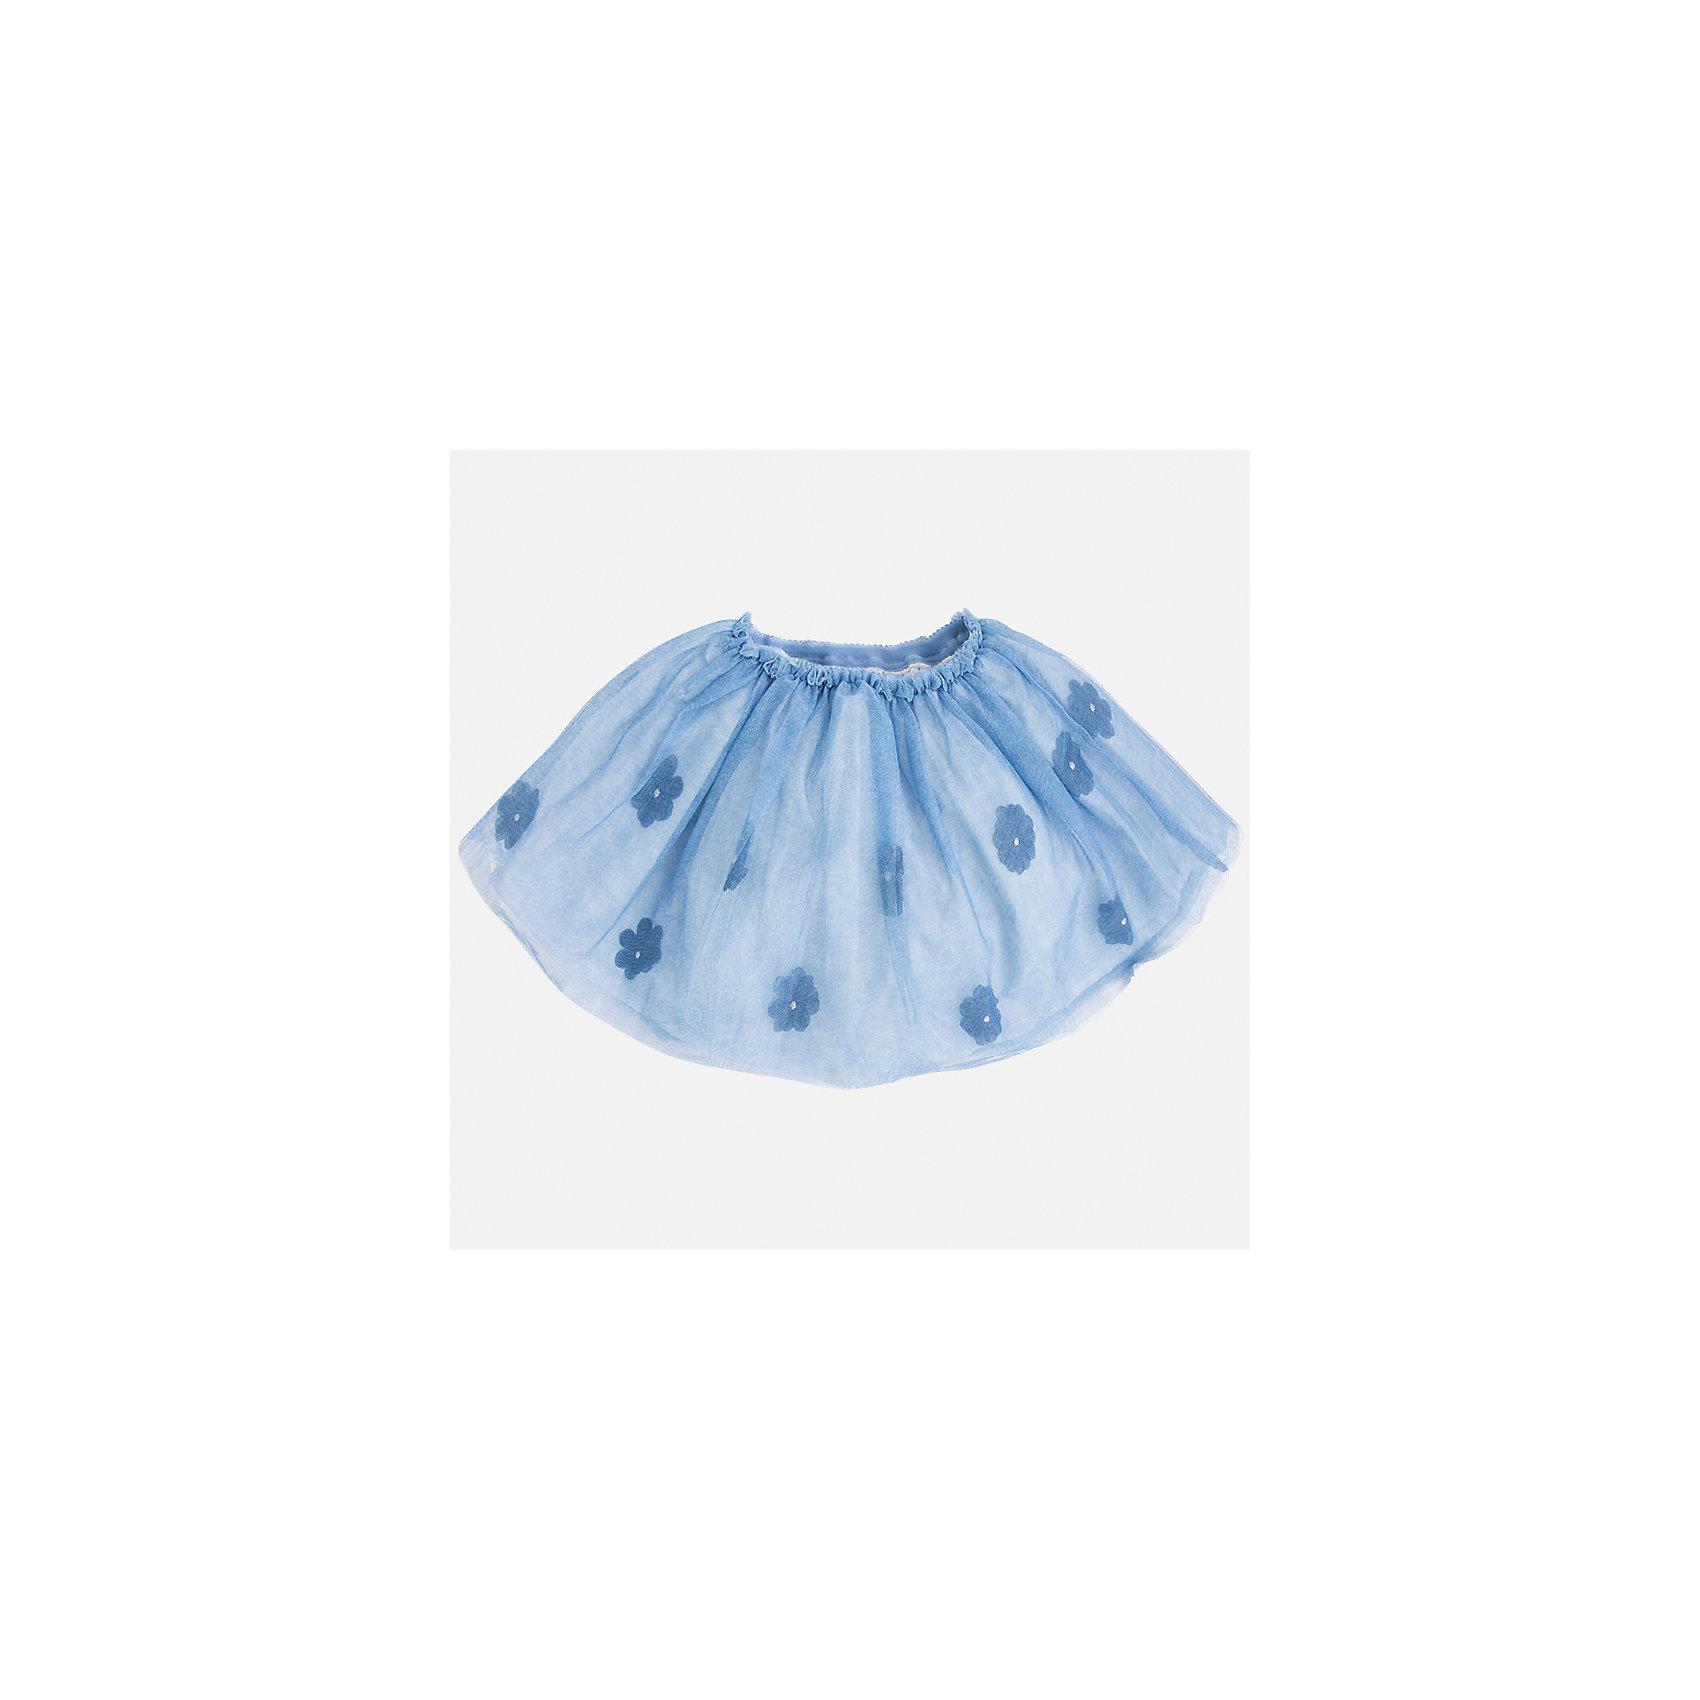 Юбка для девочки MayoralЮбки<br>Характеристики товара:<br><br>• цвет: голубой<br>• состав: 100% полиэстер, подкладка - 70% полиэстер, 30% хлопок<br>• пояс на резинке<br>• легкий материал<br>• с подкладкой<br>• верхний слой - с цветами<br>• страна бренда: Испания<br><br>Легкая юбка для девочки поможет разнообразить гардероб ребенка и создать эффектный наряд. Она отлично сочетаются с майками, футболками, блузками. Красивый оттенок позволяет подобрать к вещи верх разных расцветок. В составе материала подкладки - натуральный хлопок, гипоаллергенный, приятный на ощупь, дышащий. Юбка отлично сидит и не стесняет движения.<br><br>Одежда, обувь и аксессуары от испанского бренда Mayoral полюбились детям и взрослым по всему миру. Модели этой марки - стильные и удобные. Для их производства используются только безопасные, качественные материалы и фурнитура. Порадуйте ребенка модными и красивыми вещами от Mayoral! <br><br>Юбку для девочки от испанского бренда Mayoral (Майорал) можно купить в нашем интернет-магазине.<br><br>Ширина мм: 207<br>Глубина мм: 10<br>Высота мм: 189<br>Вес г: 183<br>Цвет: синий<br>Возраст от месяцев: 96<br>Возраст до месяцев: 108<br>Пол: Женский<br>Возраст: Детский<br>Размер: 134,110,116,128,122,104,98<br>SKU: 3993132